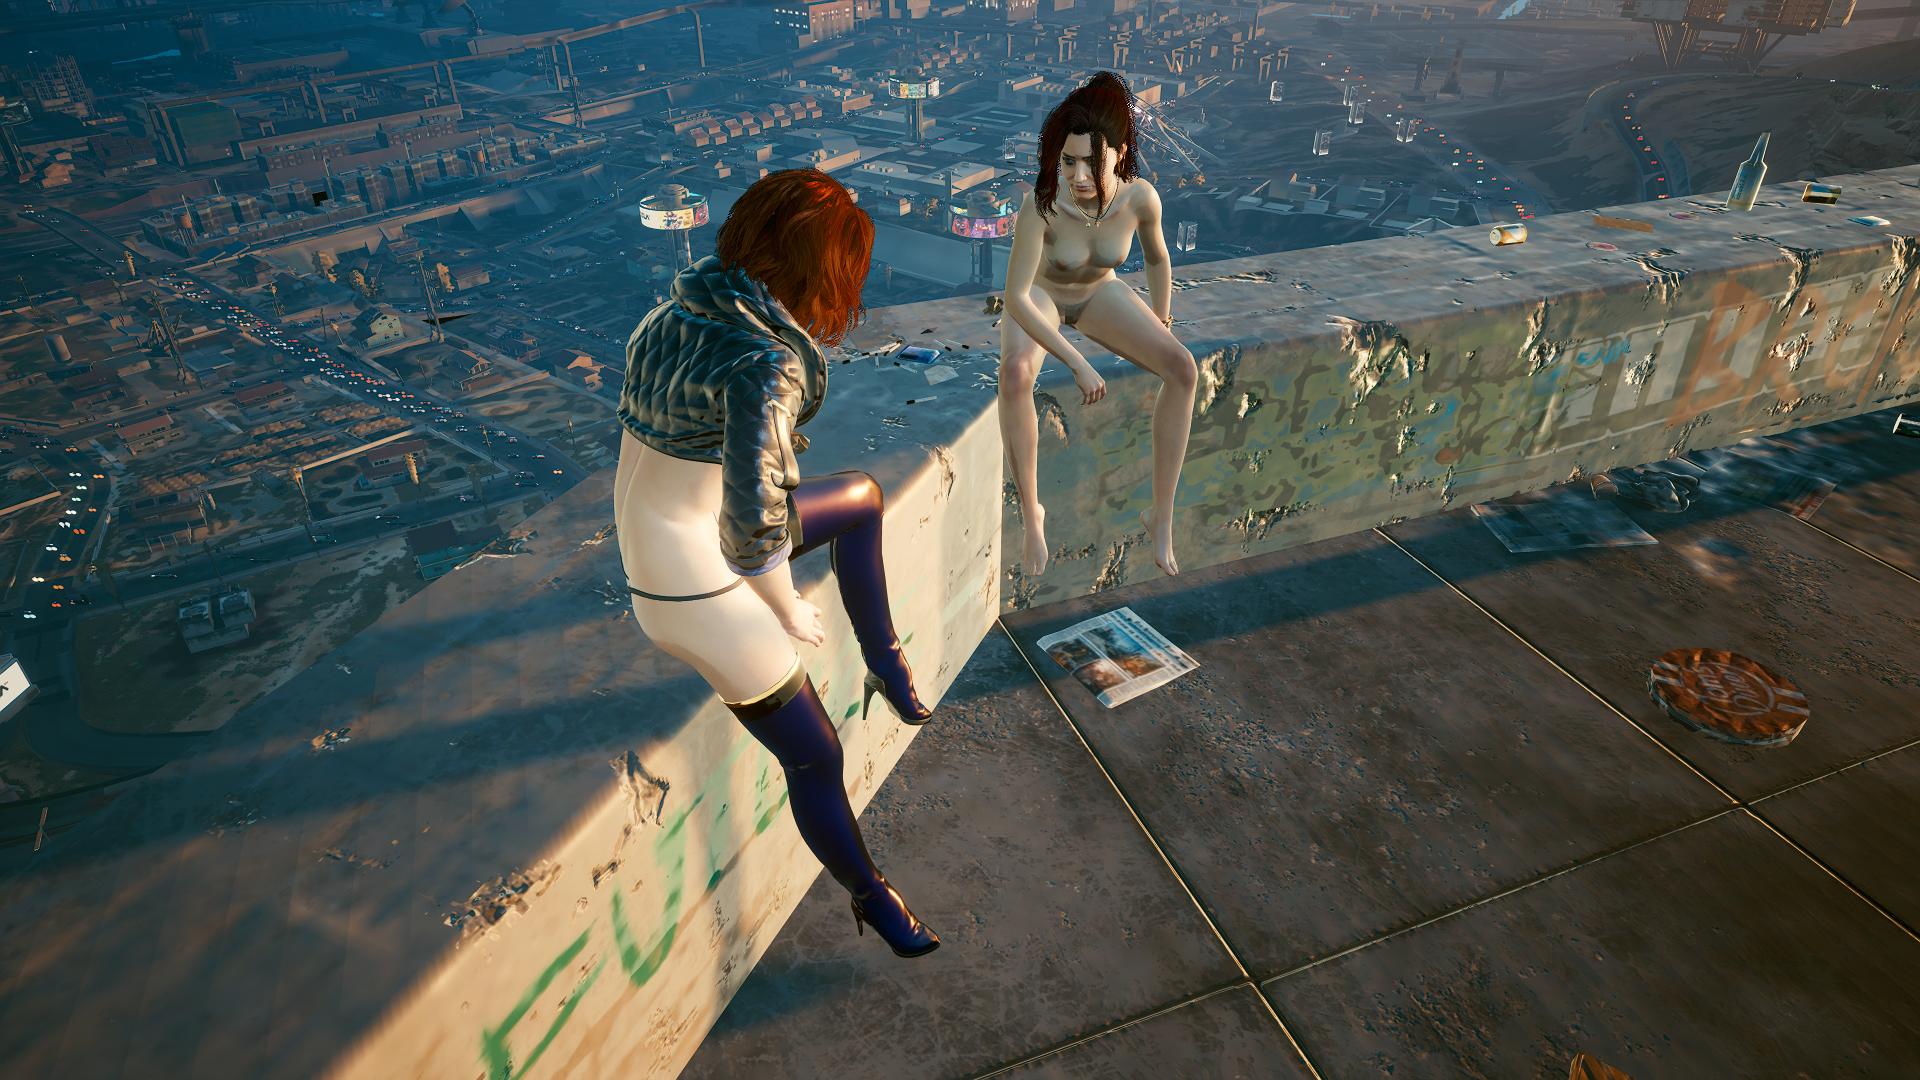 Клер и Ви утром на смотровой площадке.